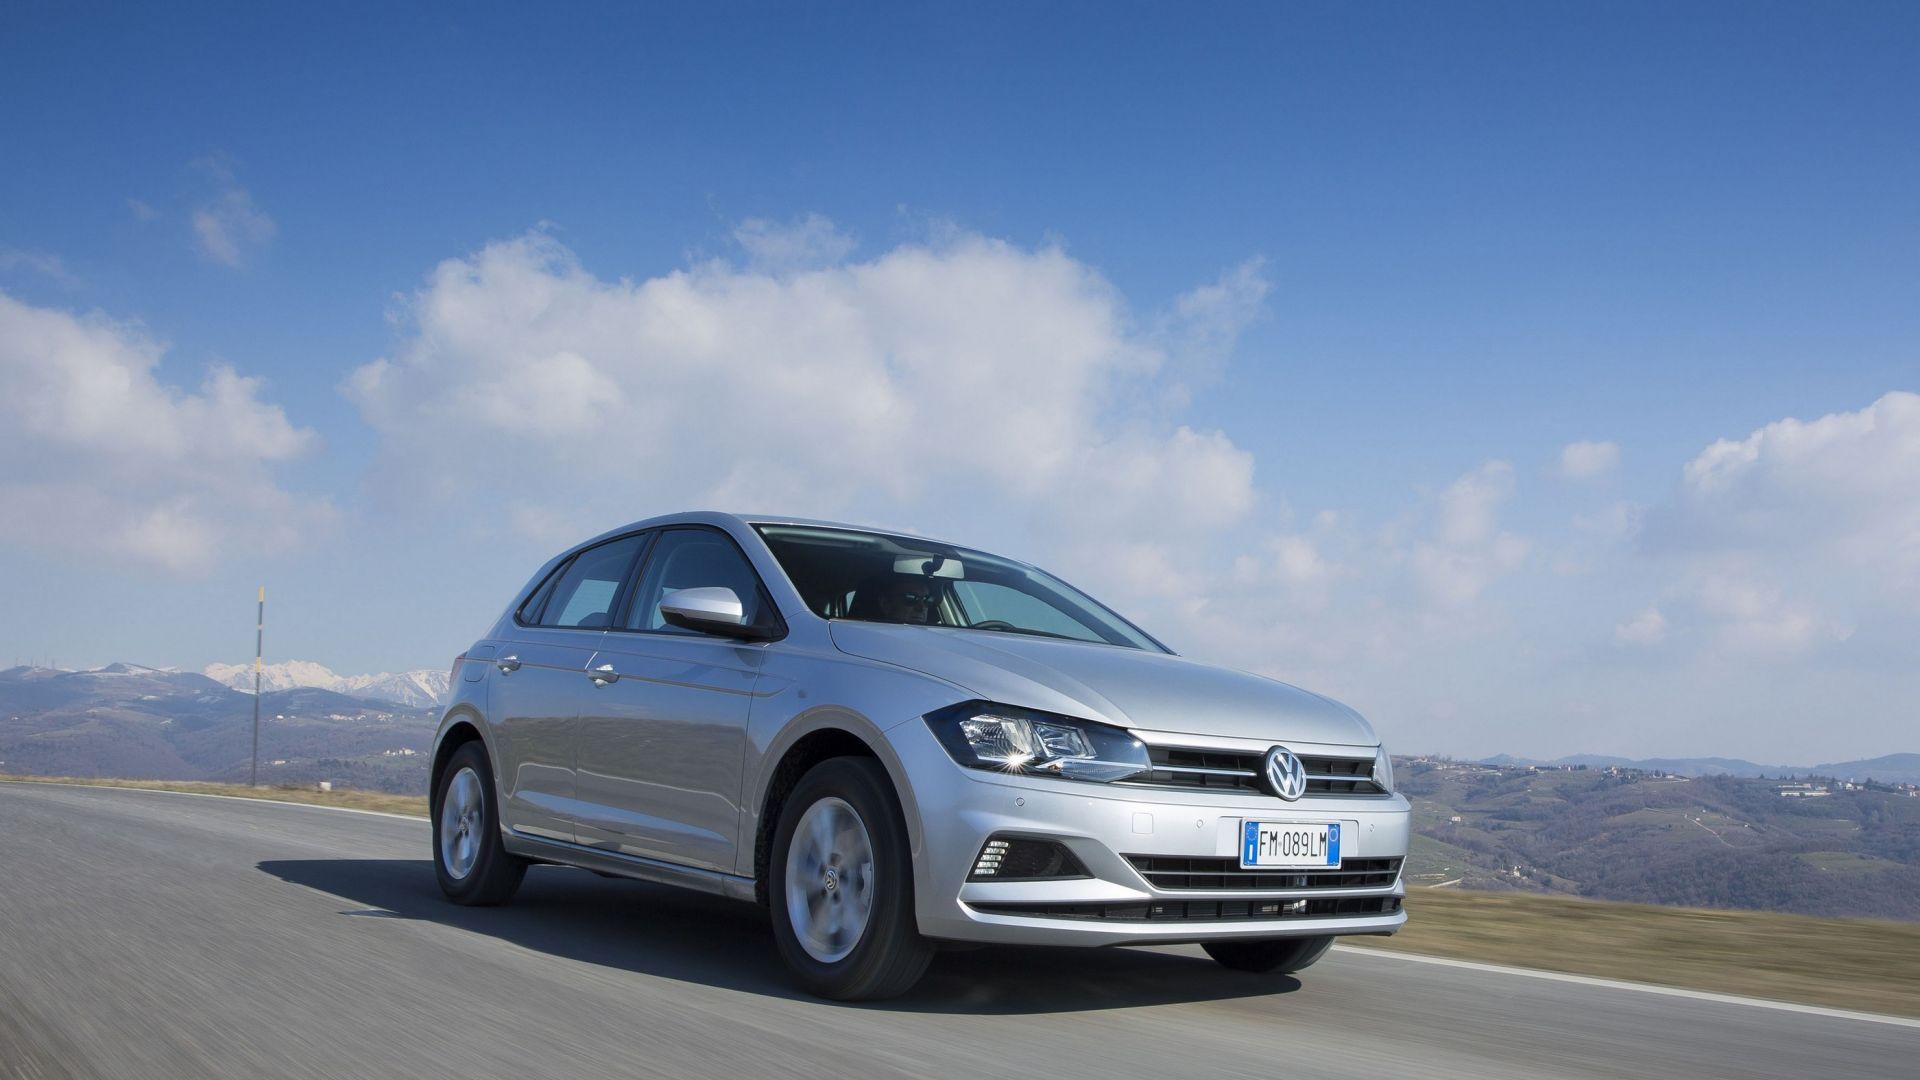 Nuova volkswagen polo 1.0 tgi: prova comsuni prezzi dellauto a